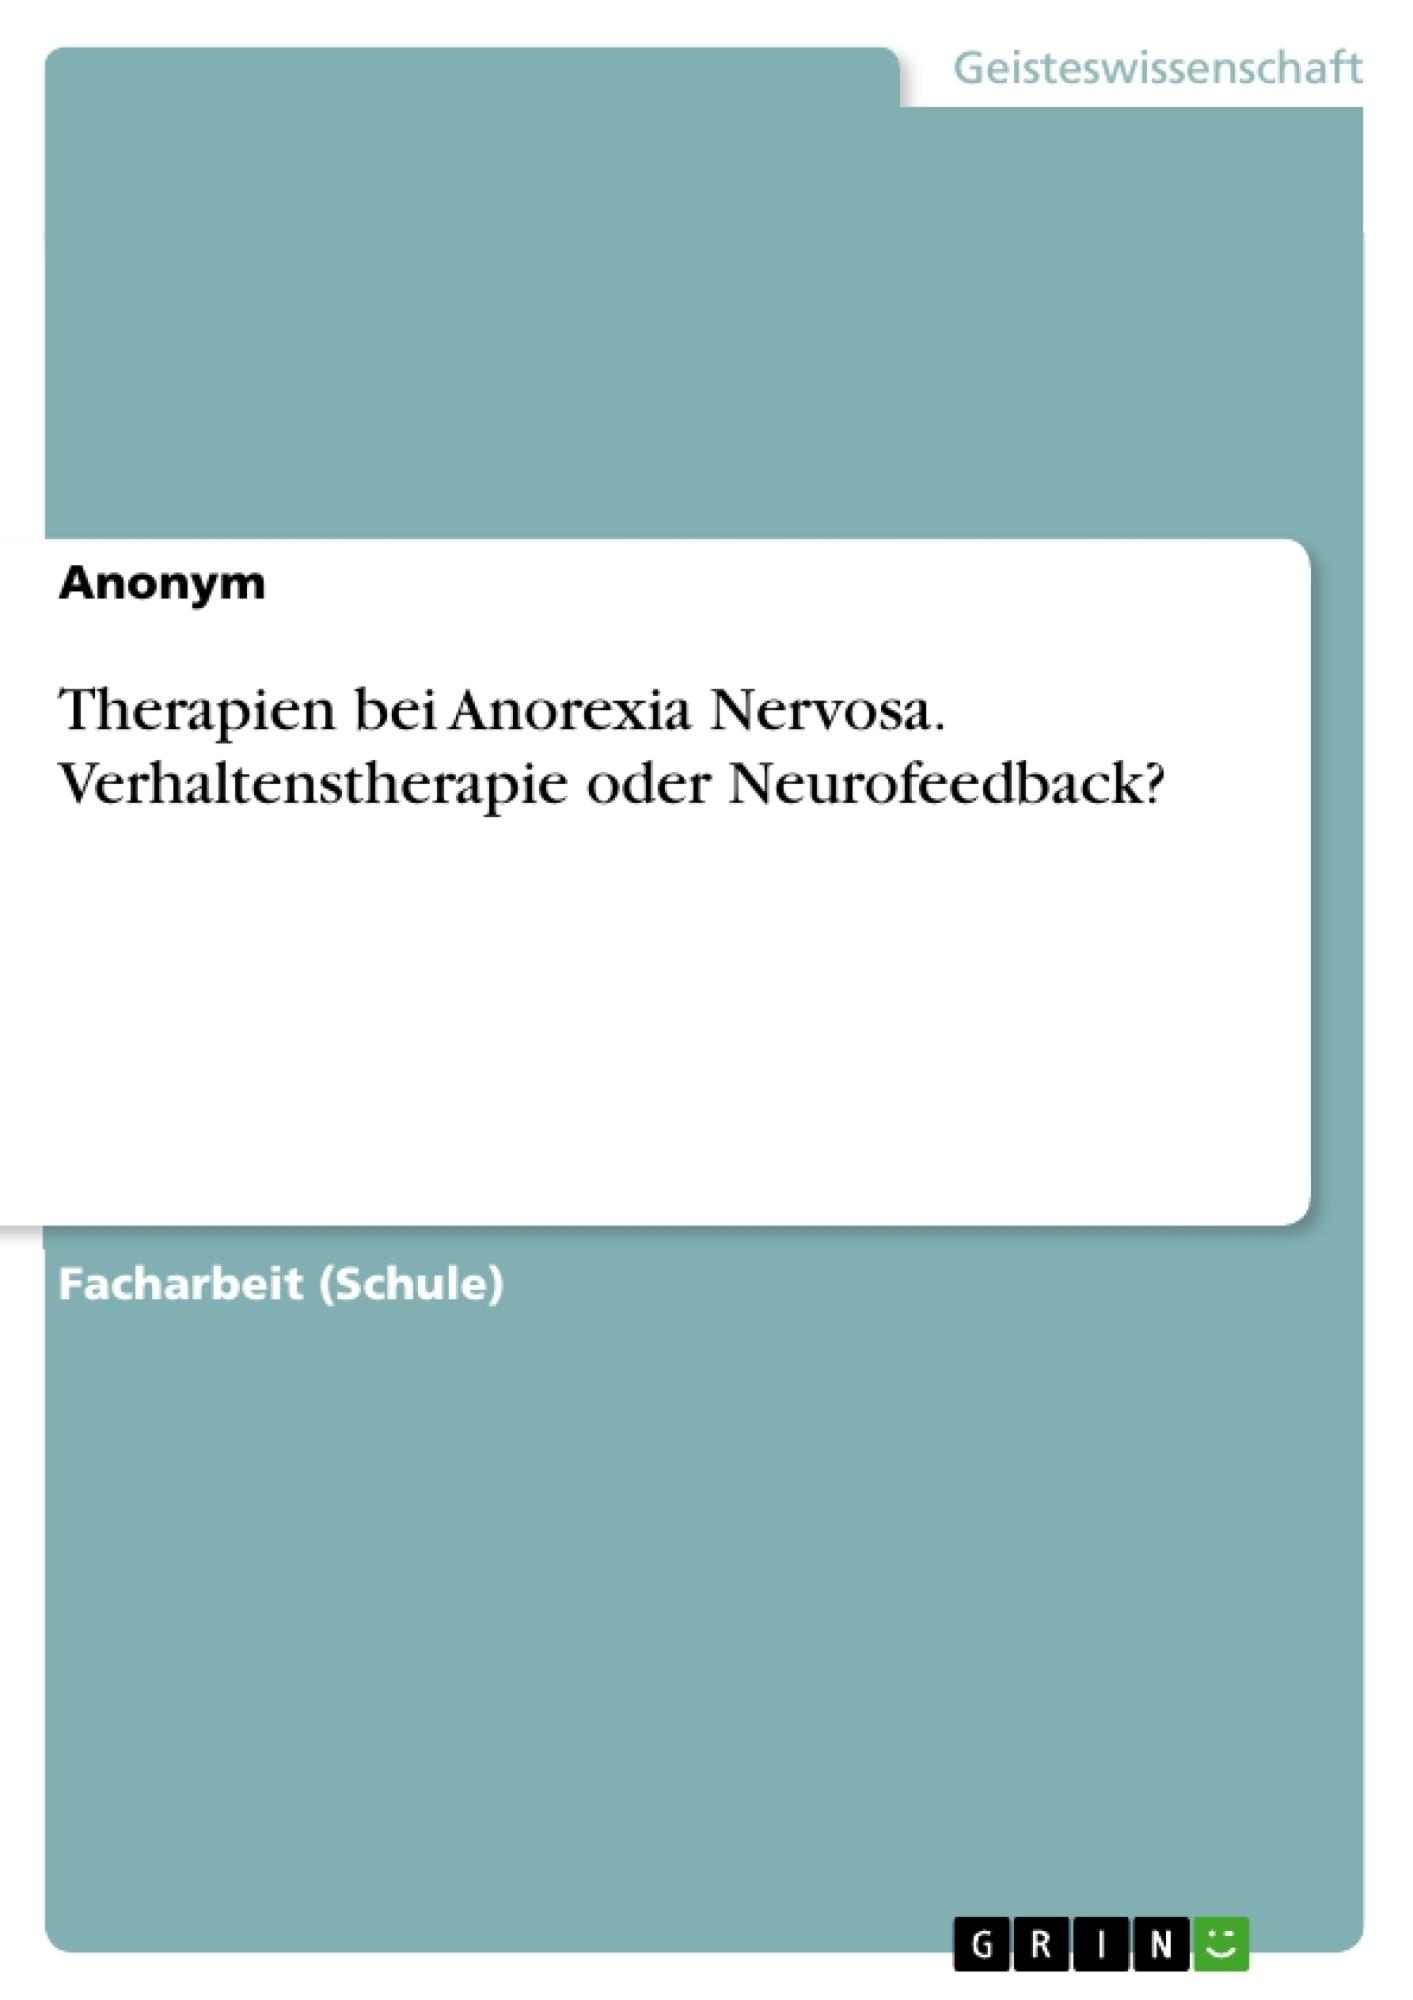 Titel: Therapien bei Anorexia Nervosa. Verhaltenstherapie oder Neurofeedback?